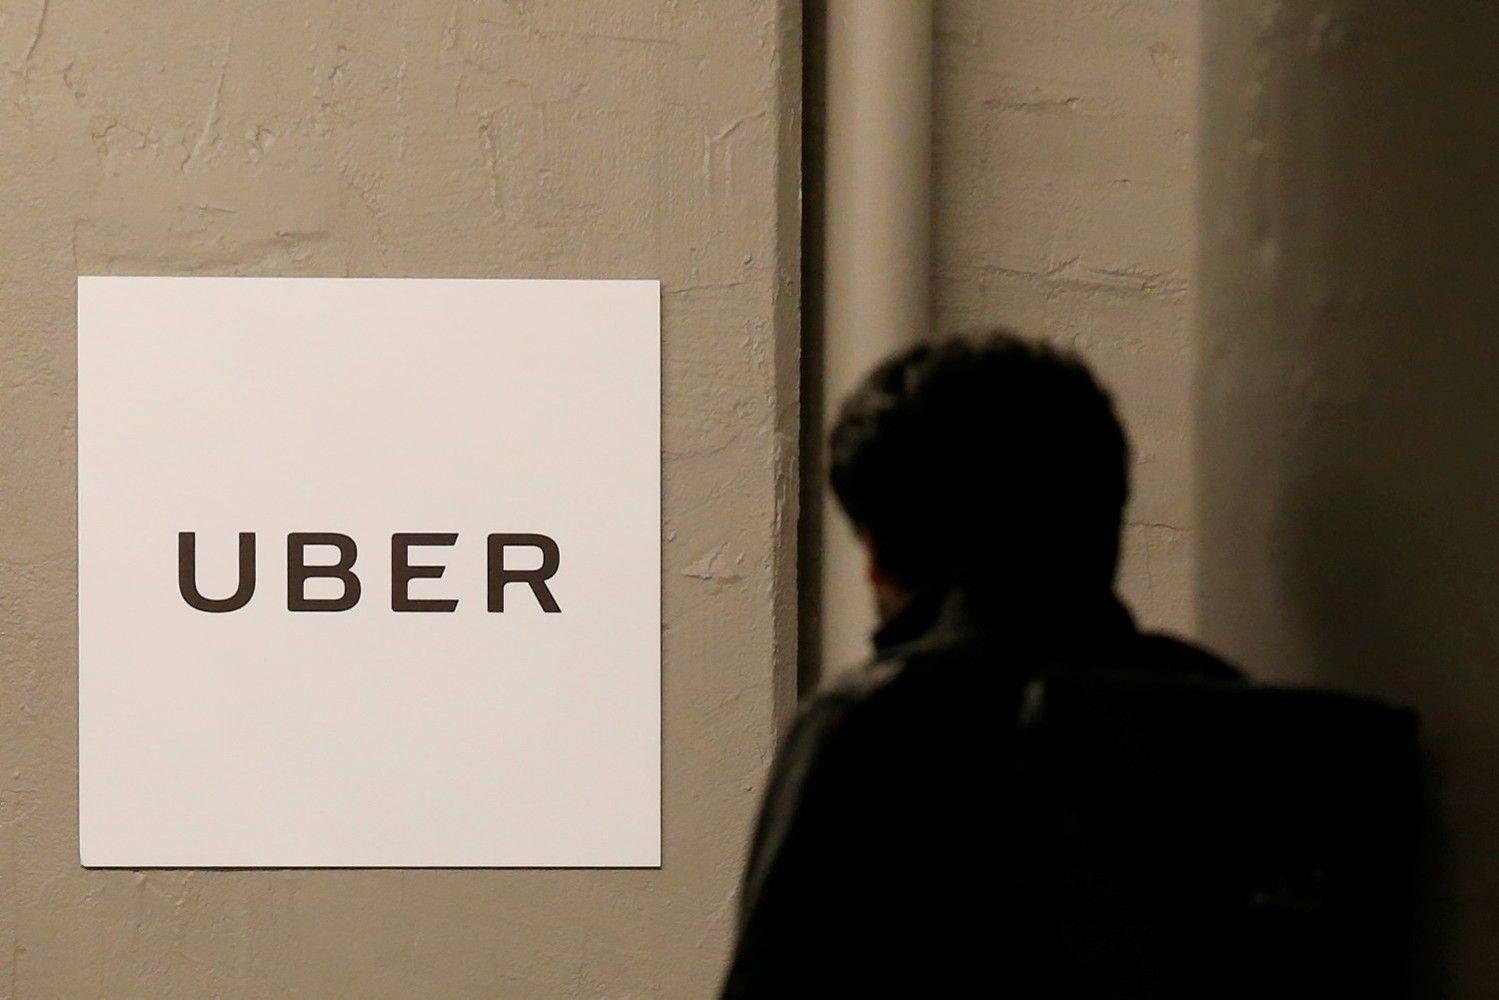 """Naujasis """"Uber"""" vadovas žada pokyčiusirIPO per 18-36 mėnesių"""